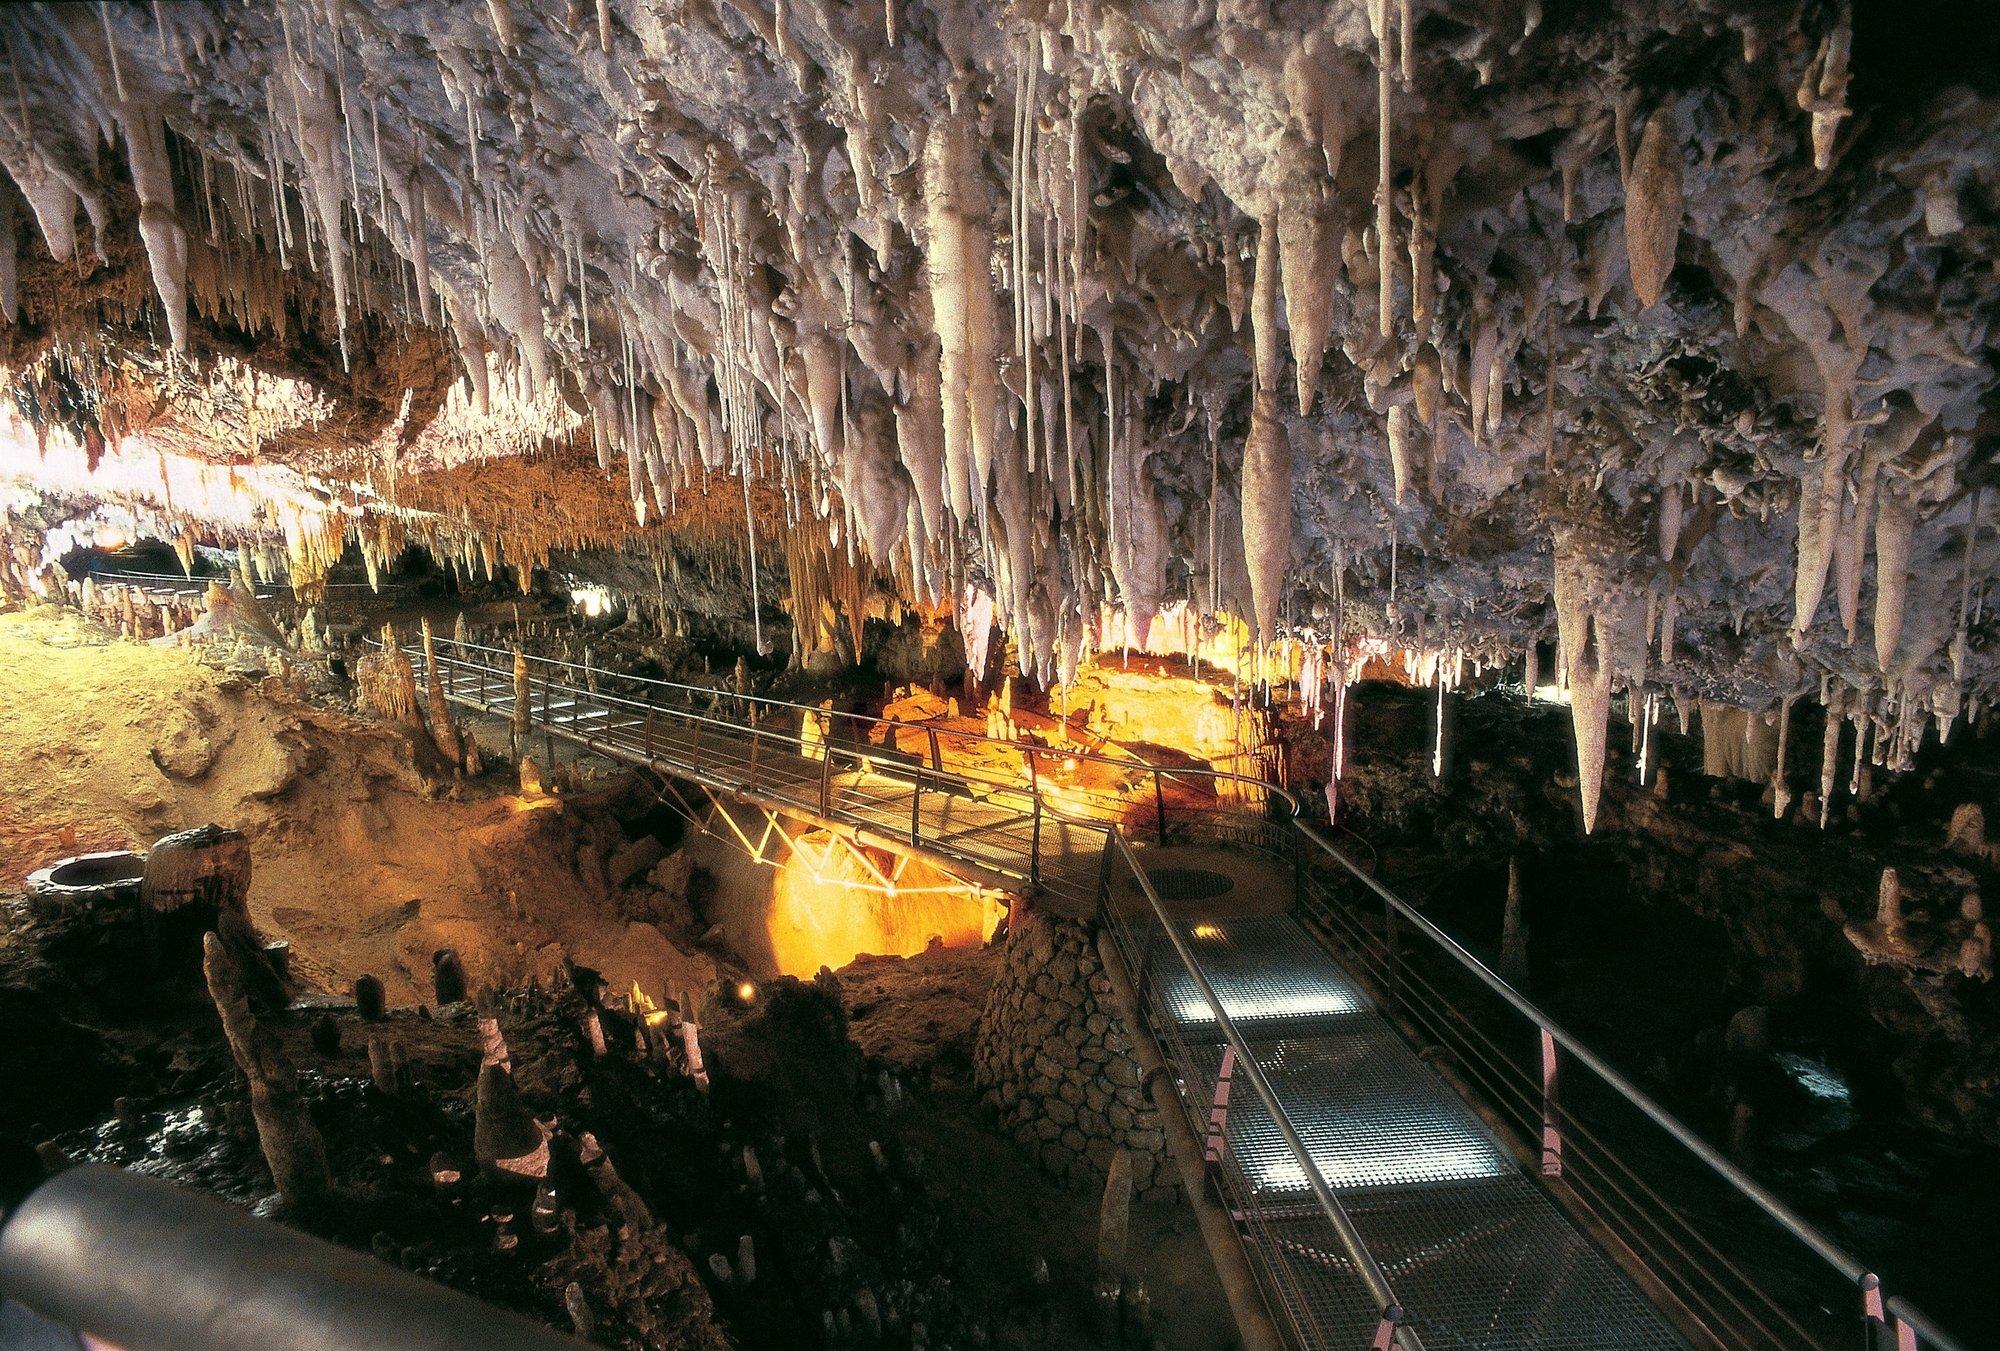 El Soplao, la instalación de Cantur más visitada el Jueves Santo, con más de 1.850 turistas